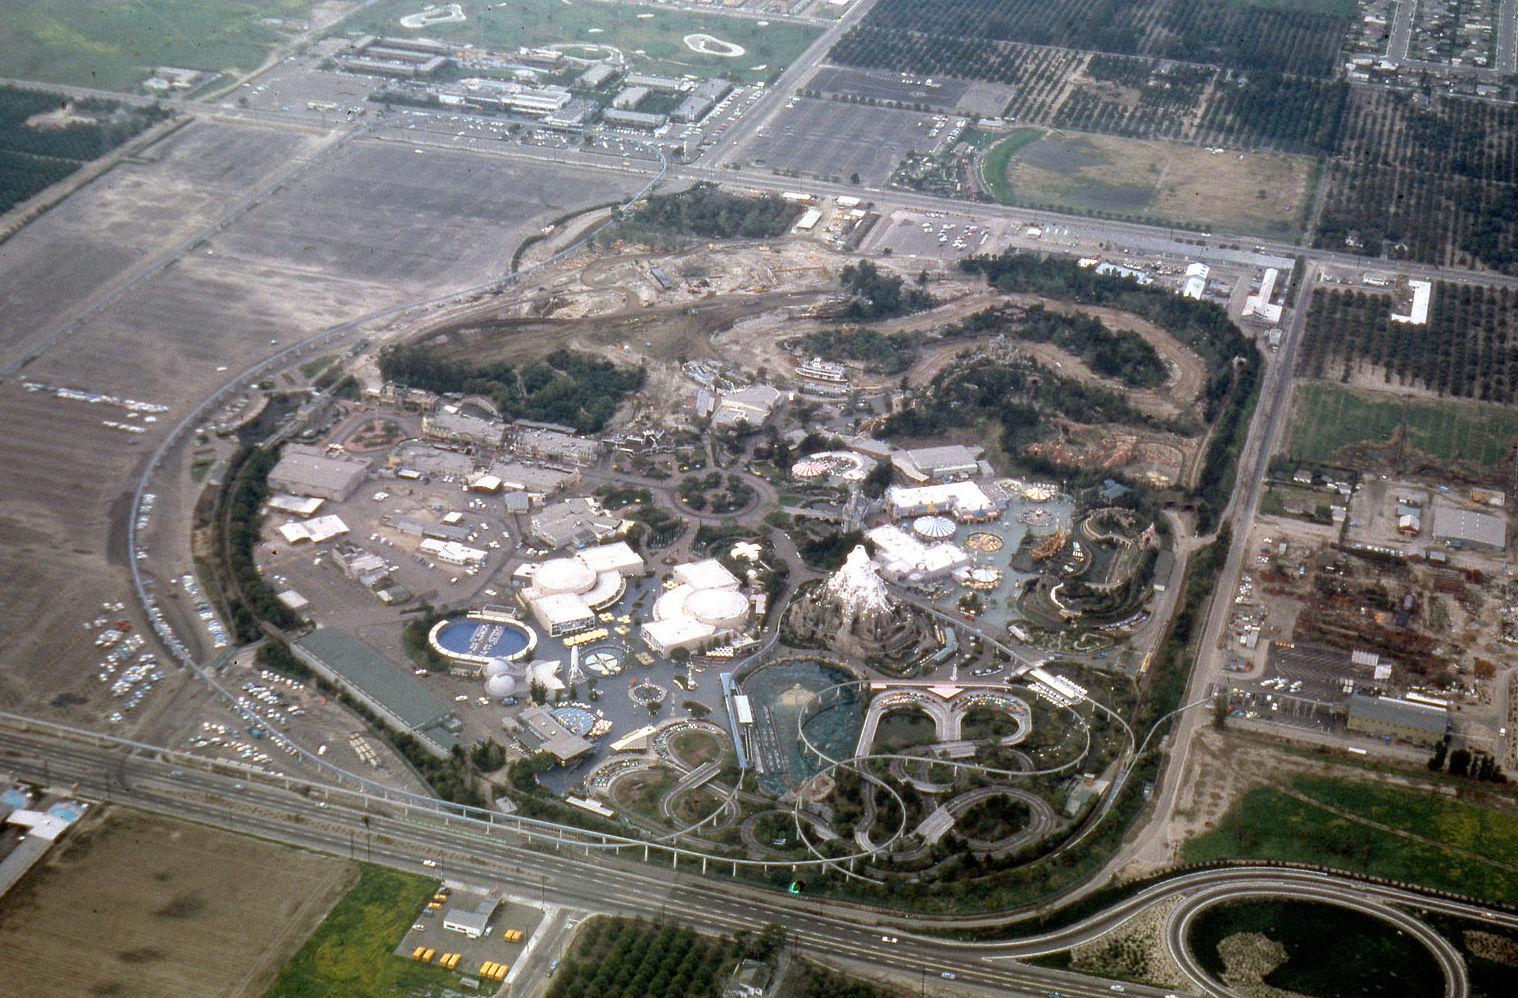 Disneyland aerial view 1962